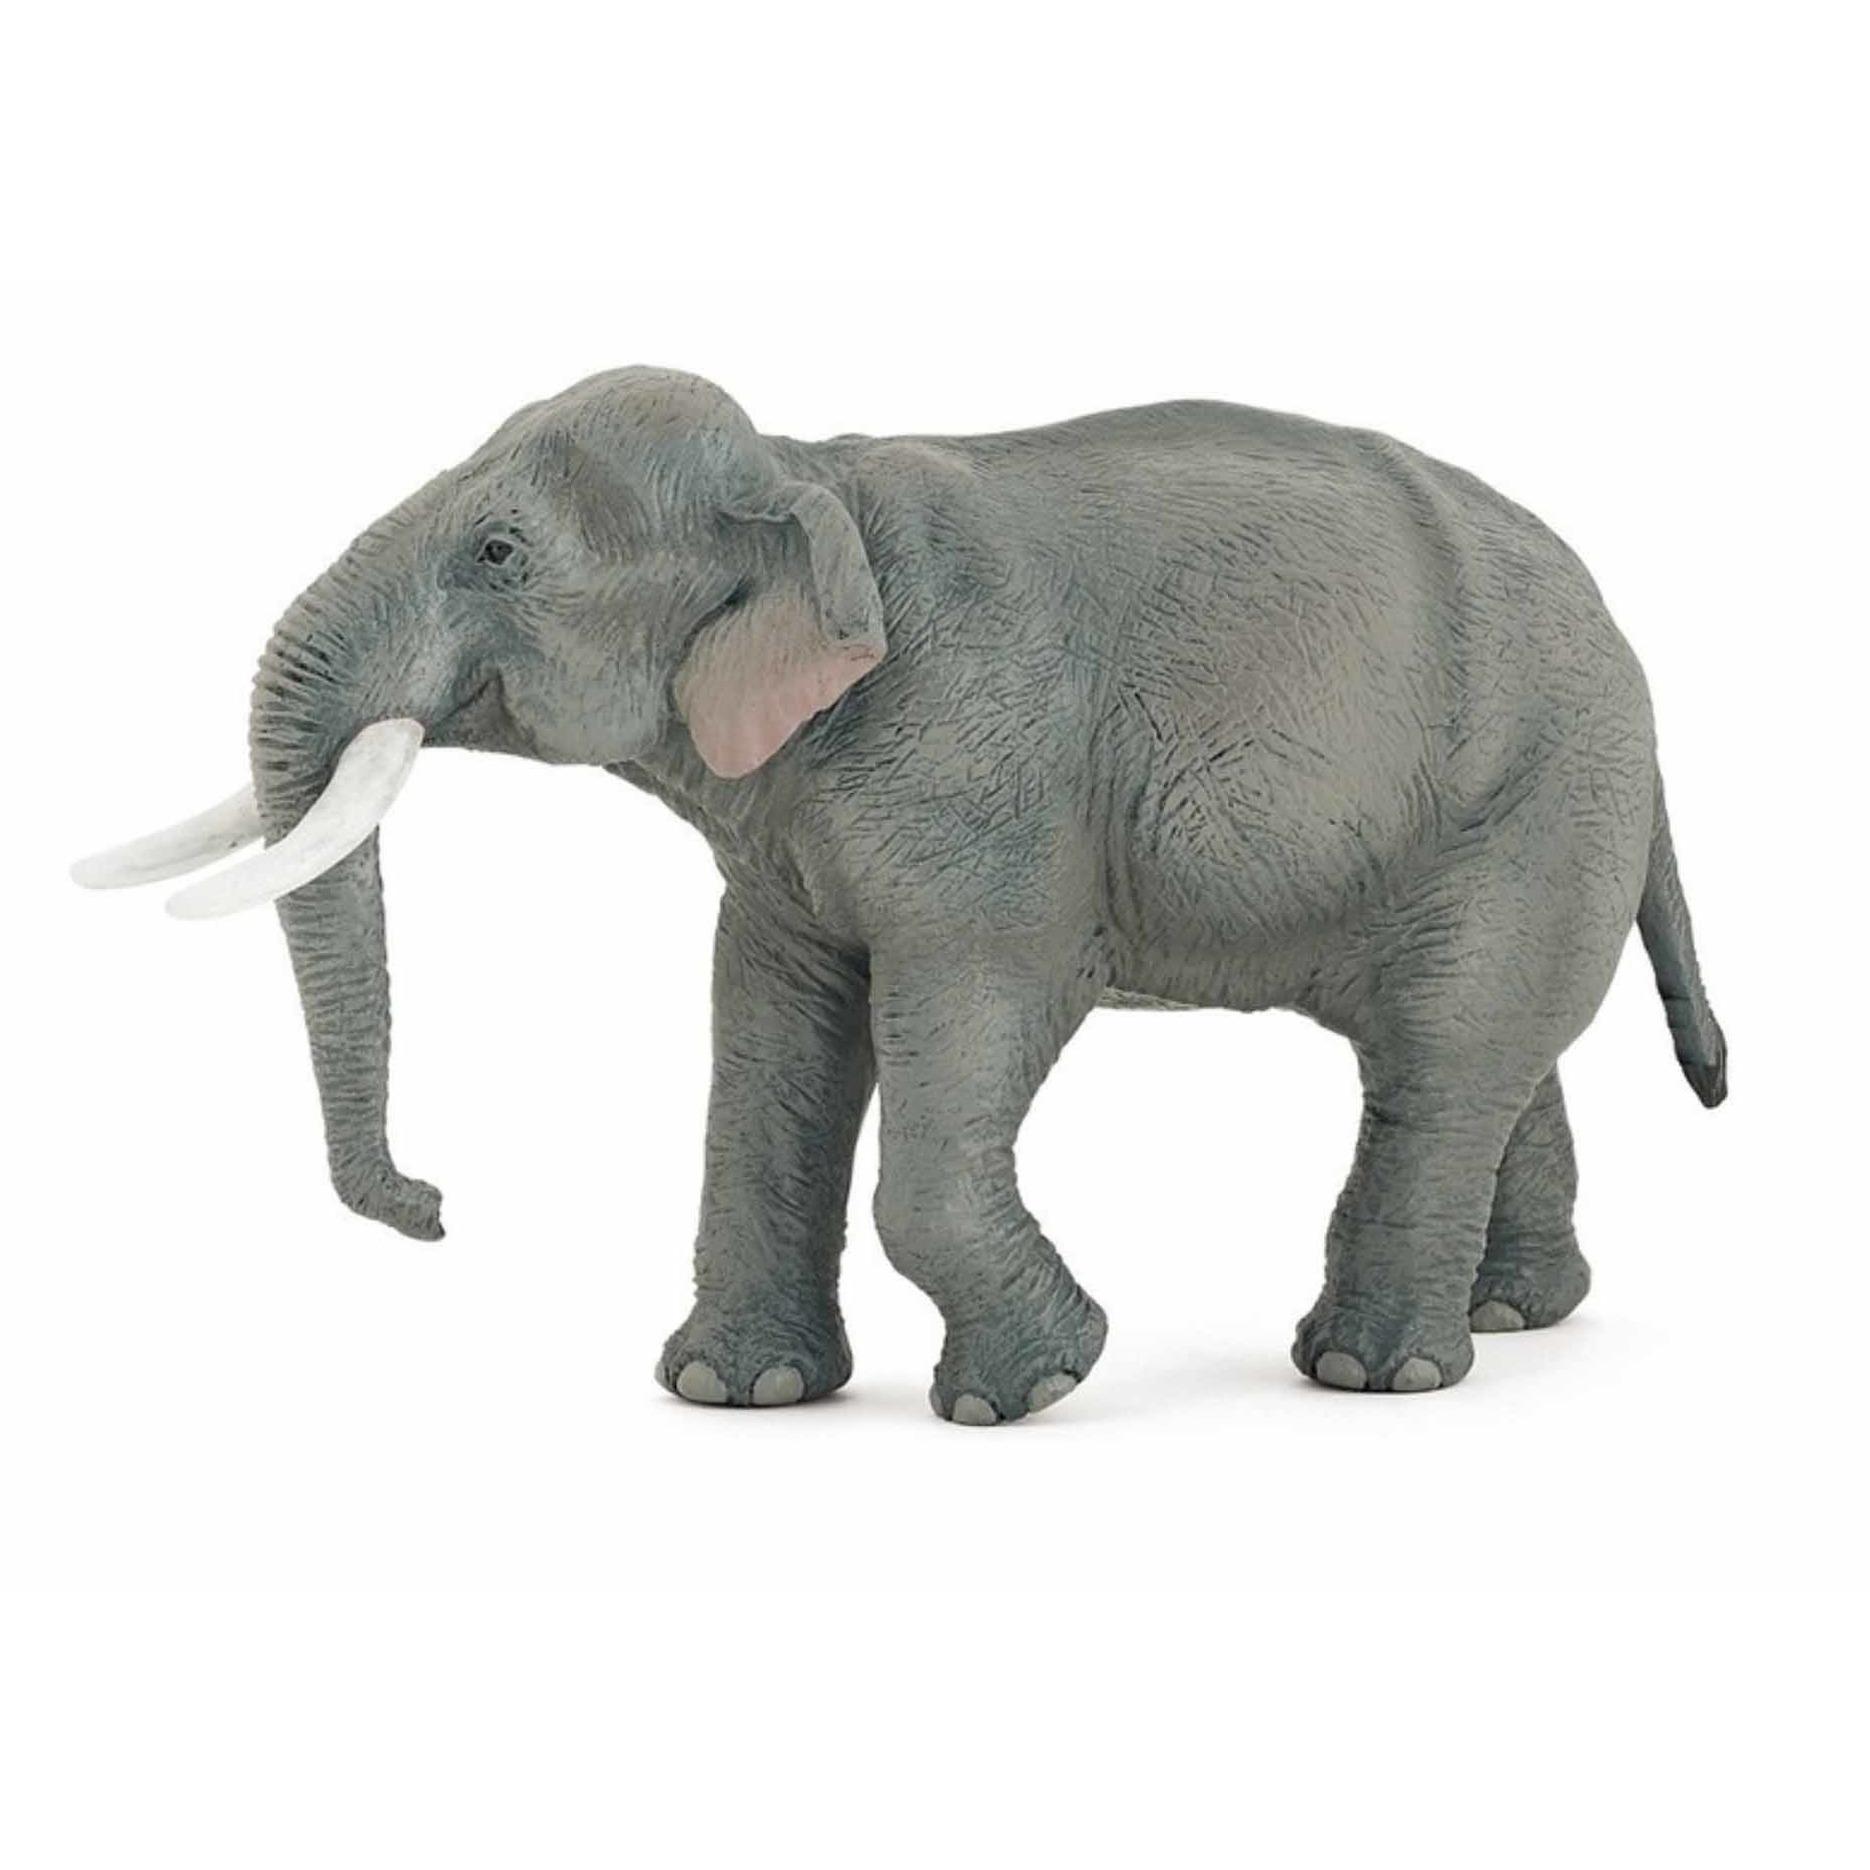 Plastic speelgoed figuur Aziatische moeder olifant 14.5 cm